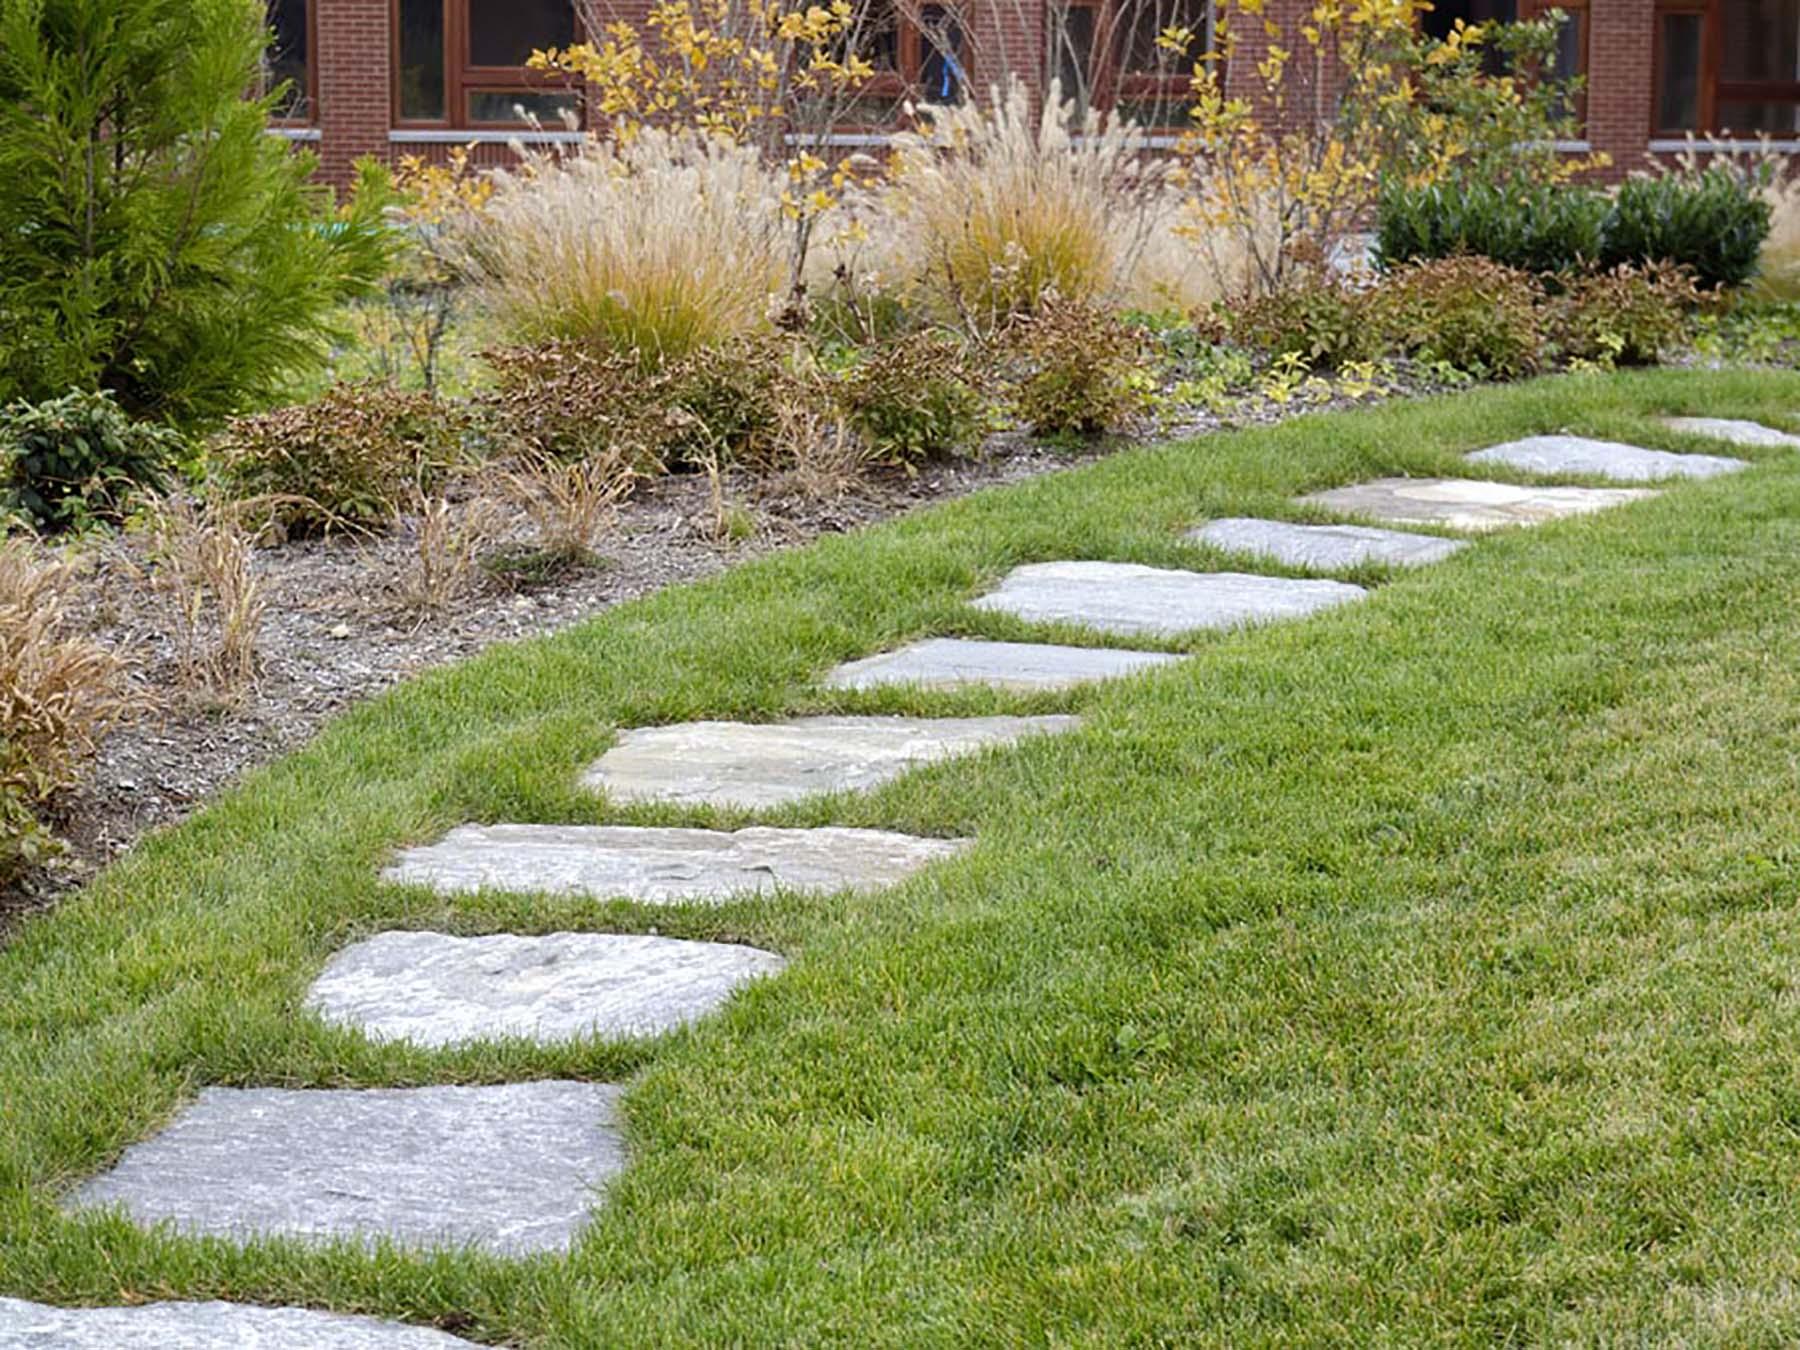 Ticonderoga Granite Flagging in lawn